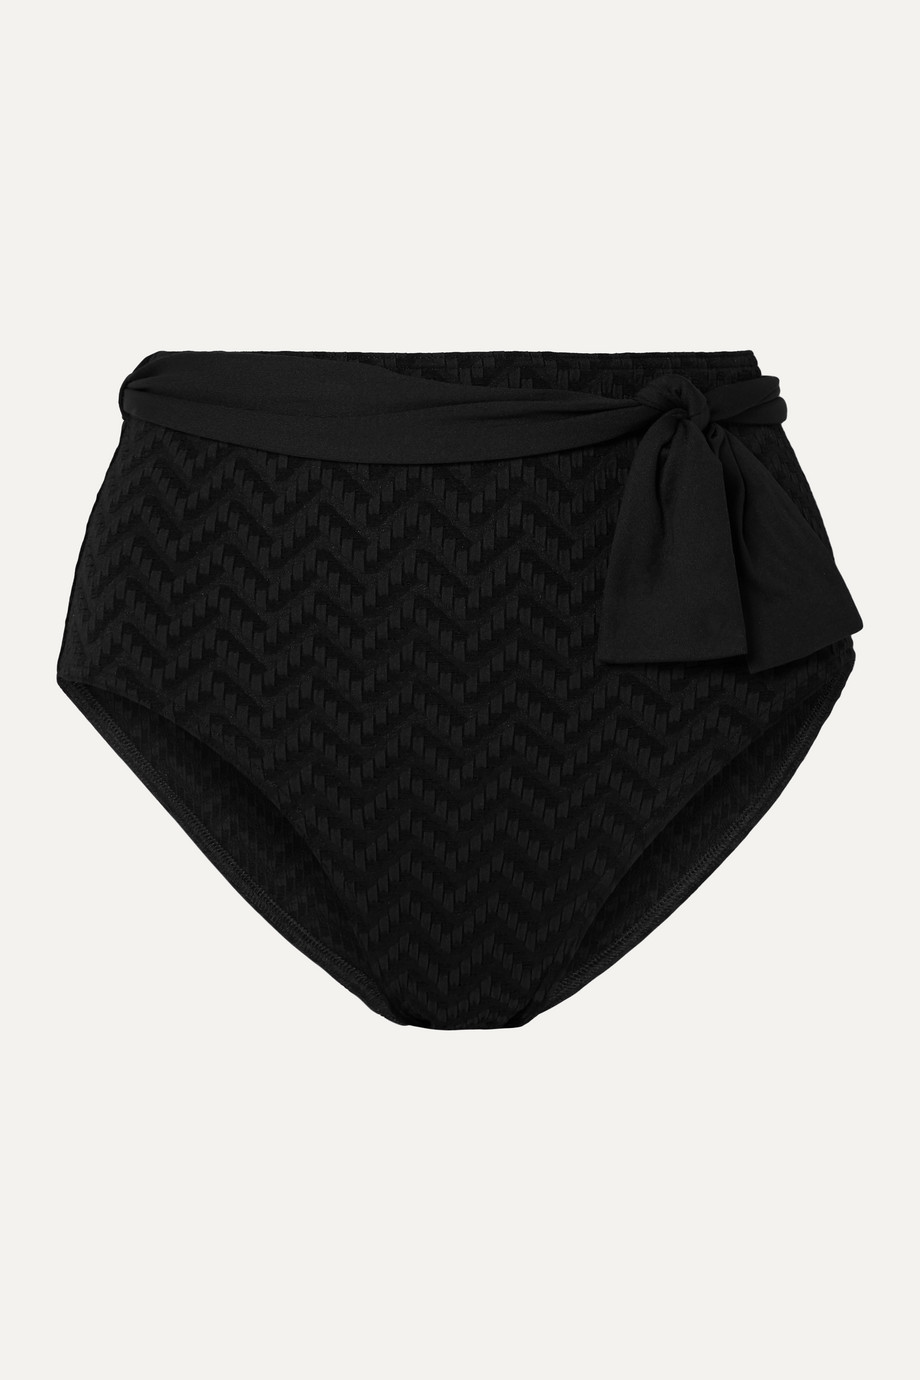 Eres Pochette belted seersucker bikini briefs